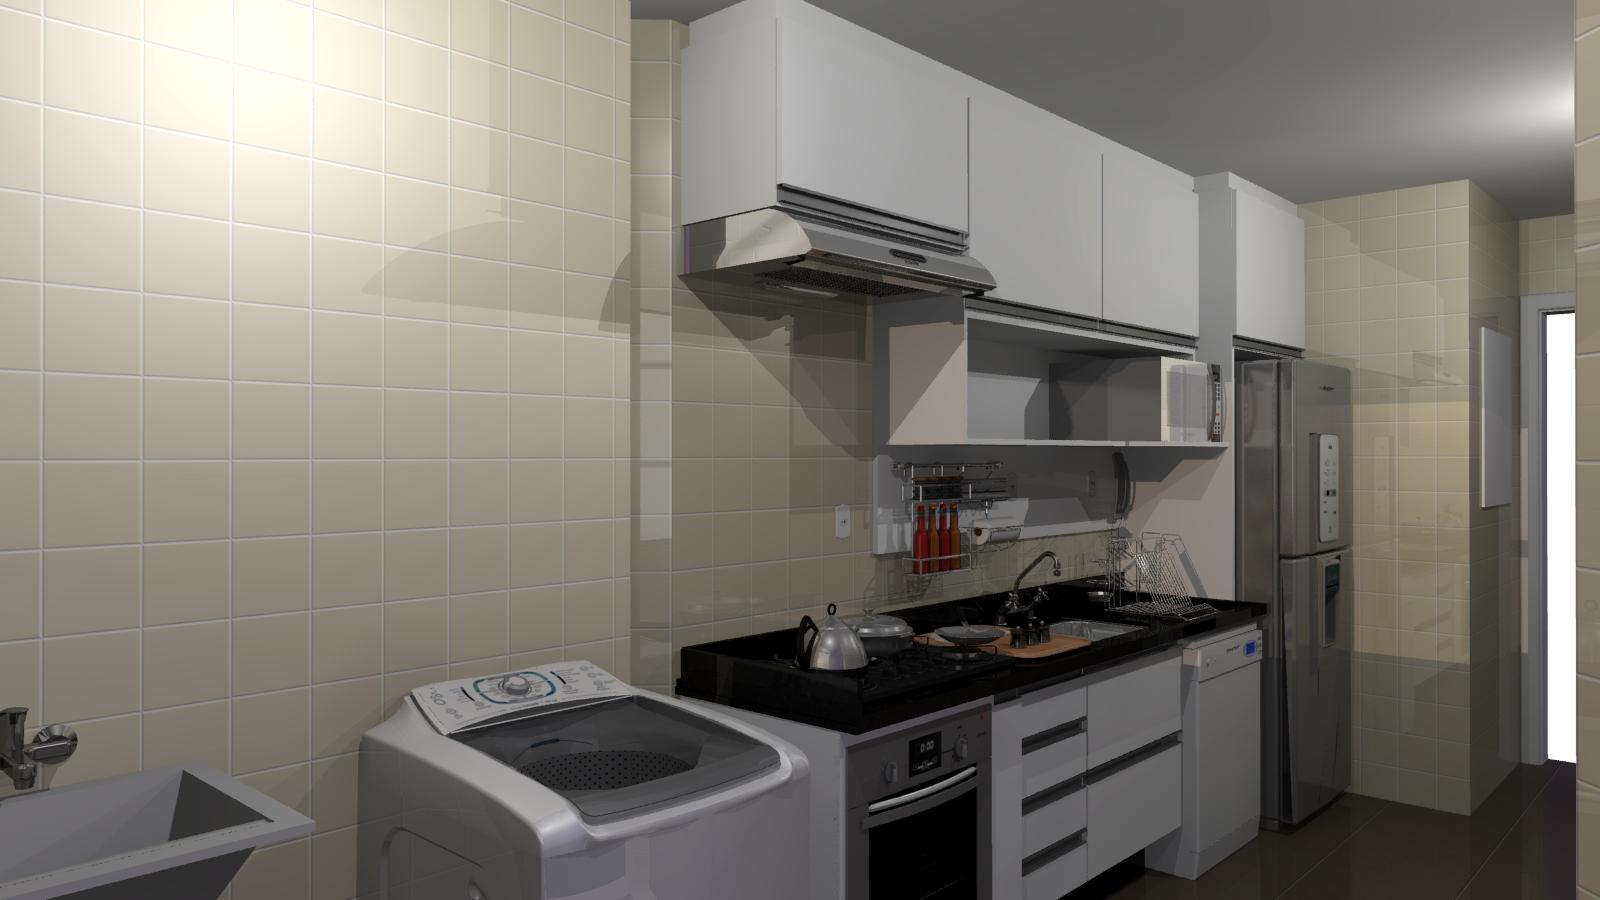 Cozinha Planejada Moderna Apartamento Pequeno Cozinha Planejada